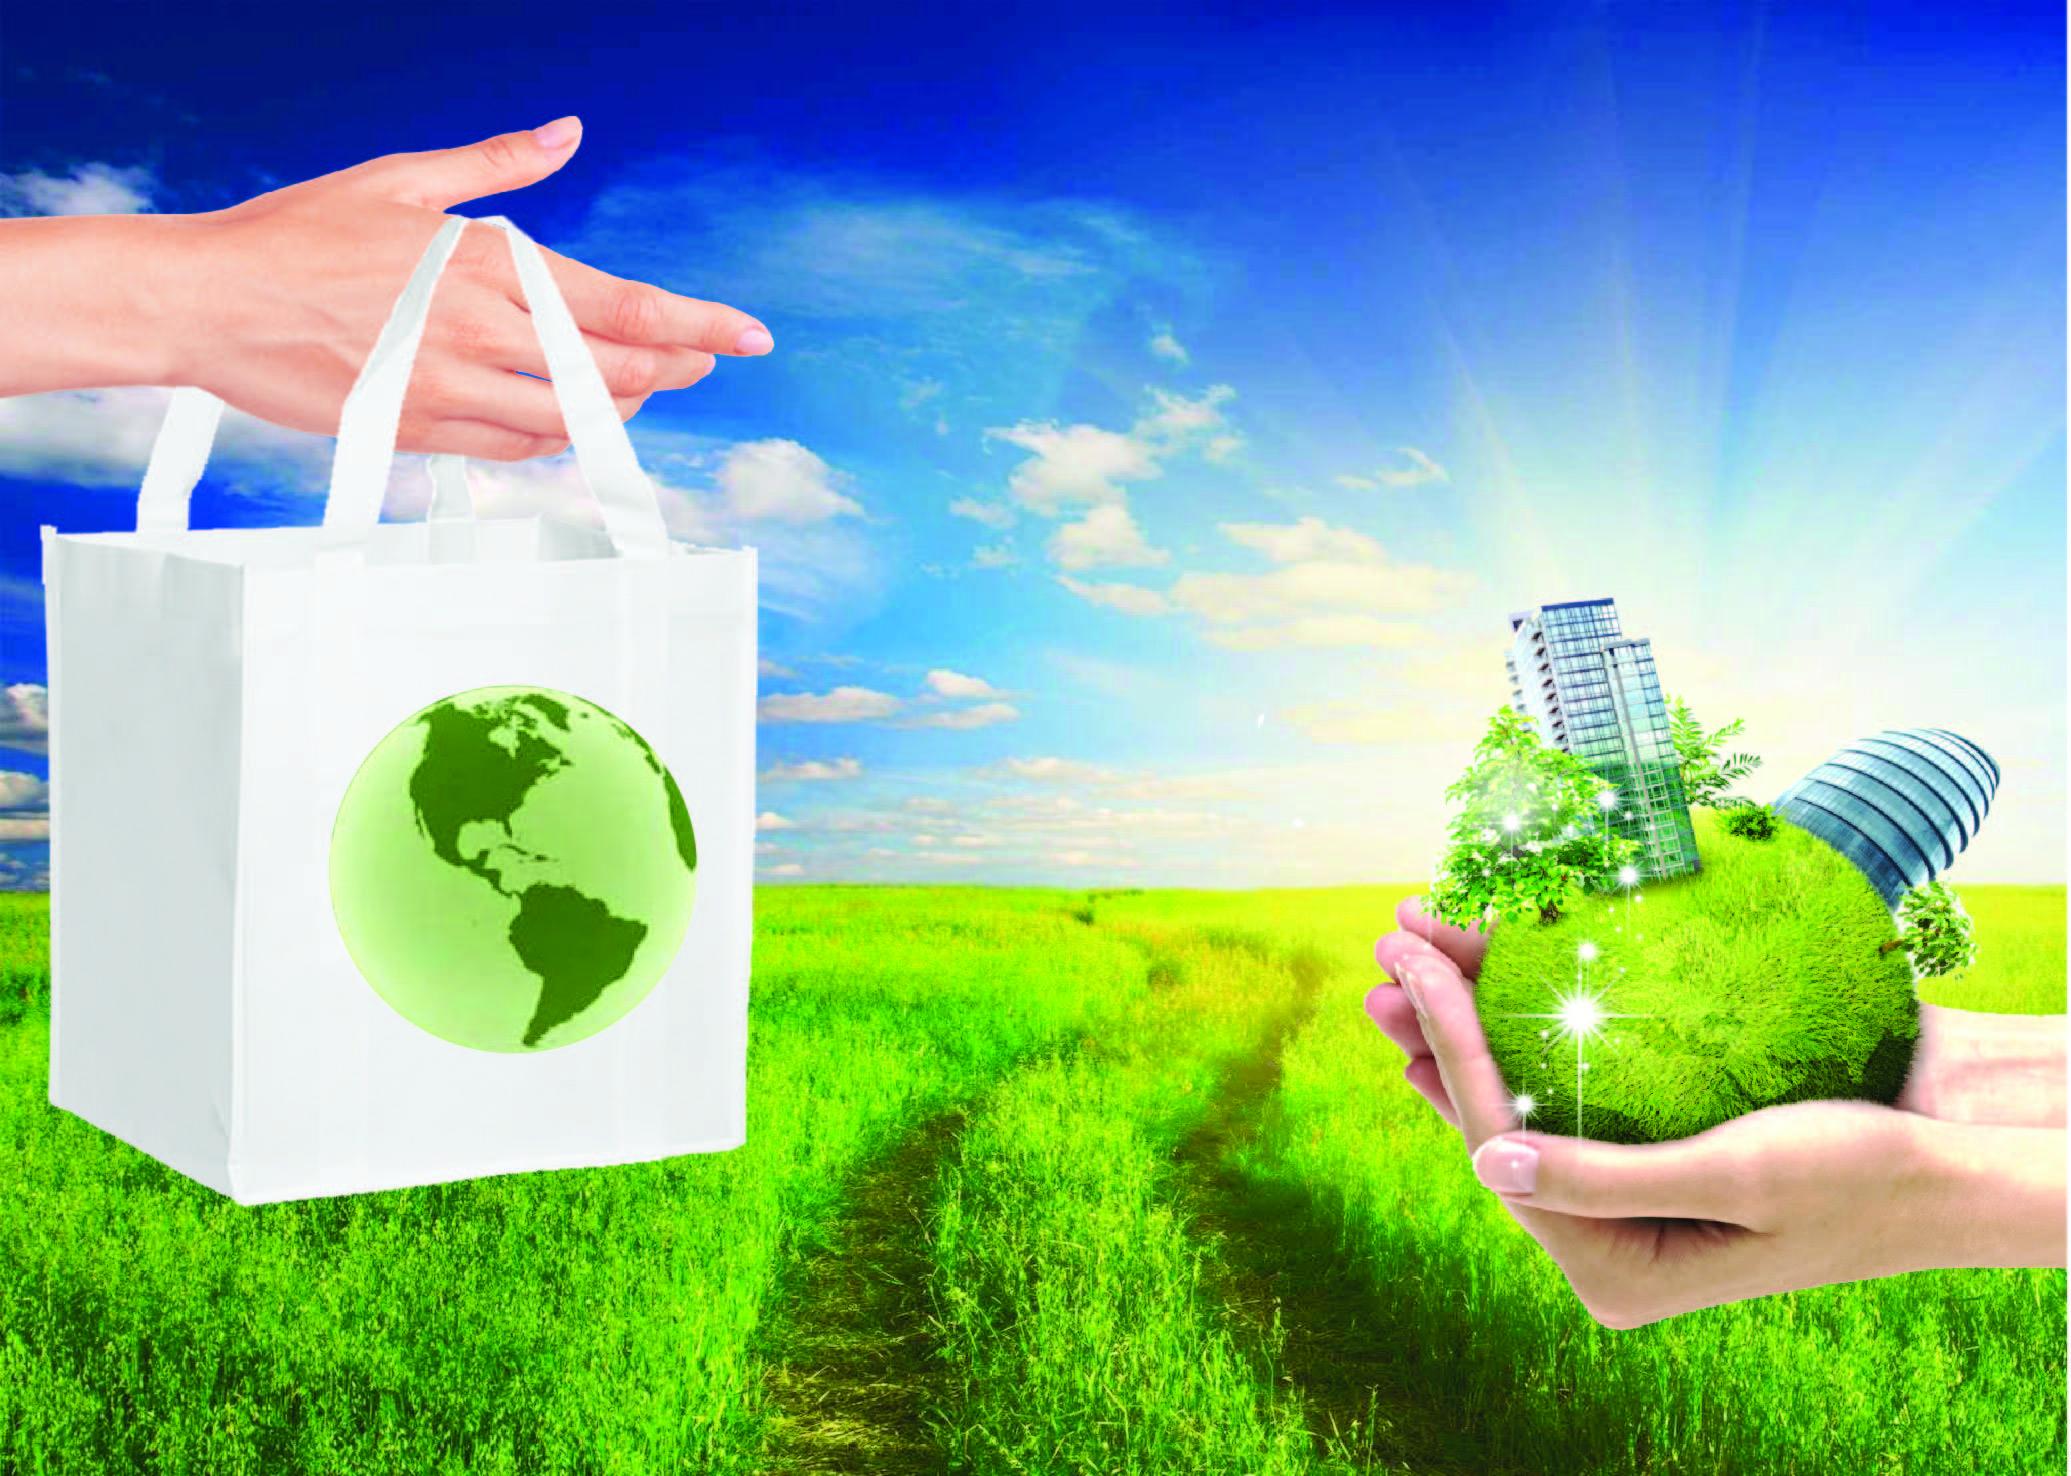 túi vải bảo vệ môi trường